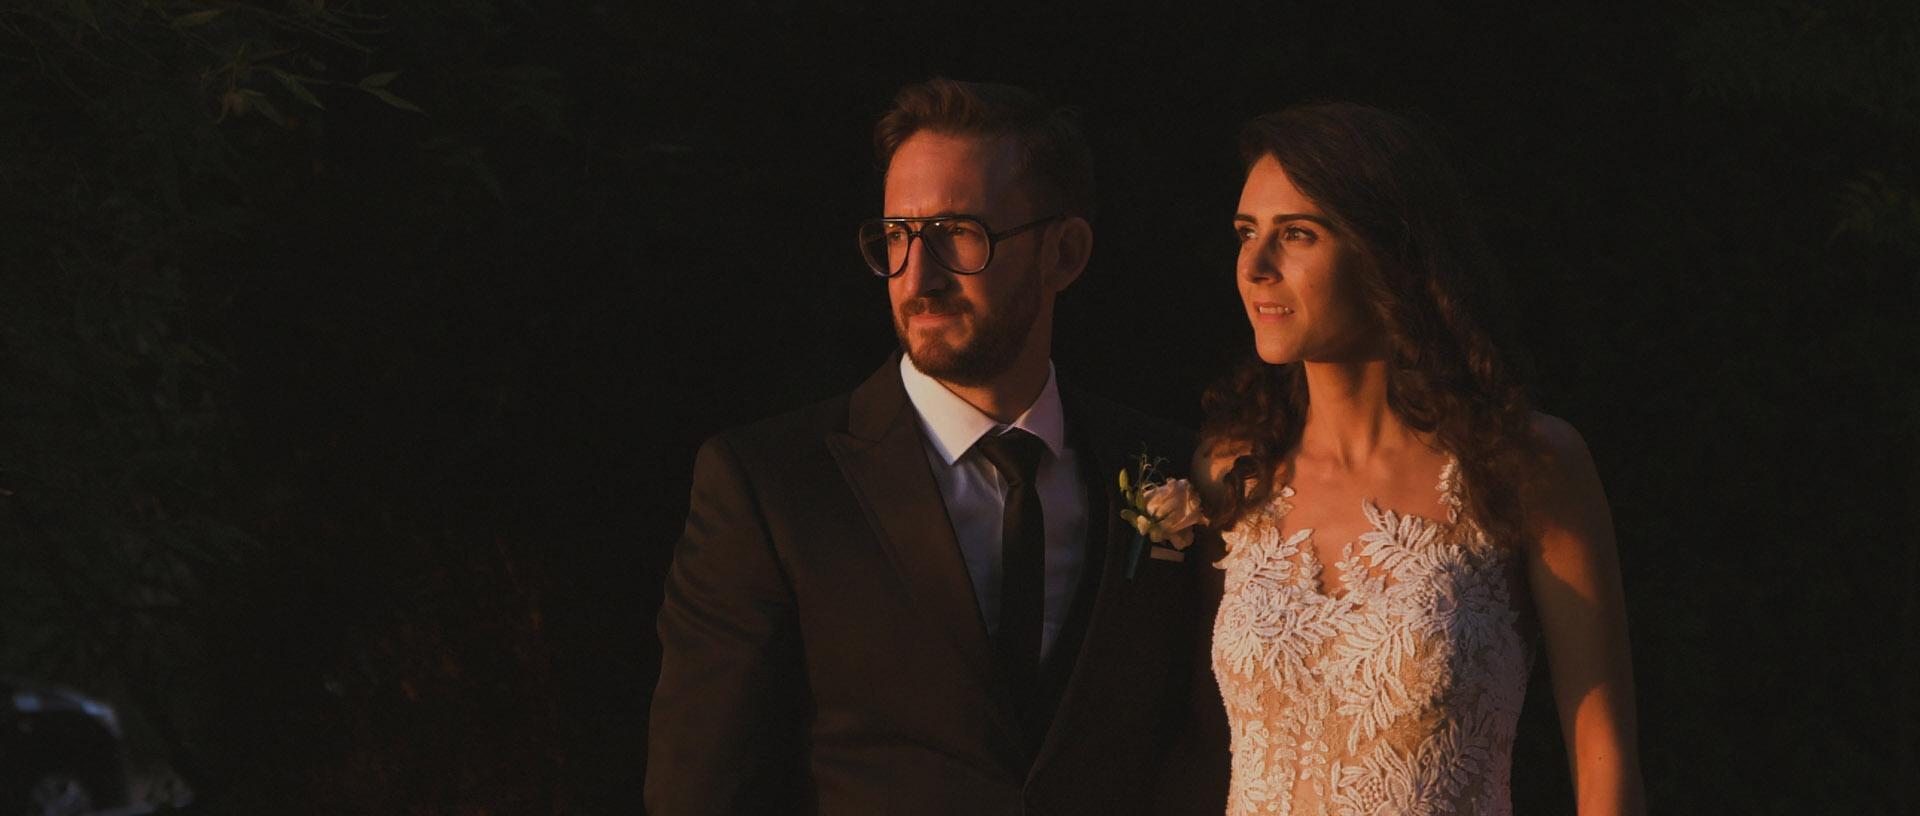 Cila & Carlos - Wedding